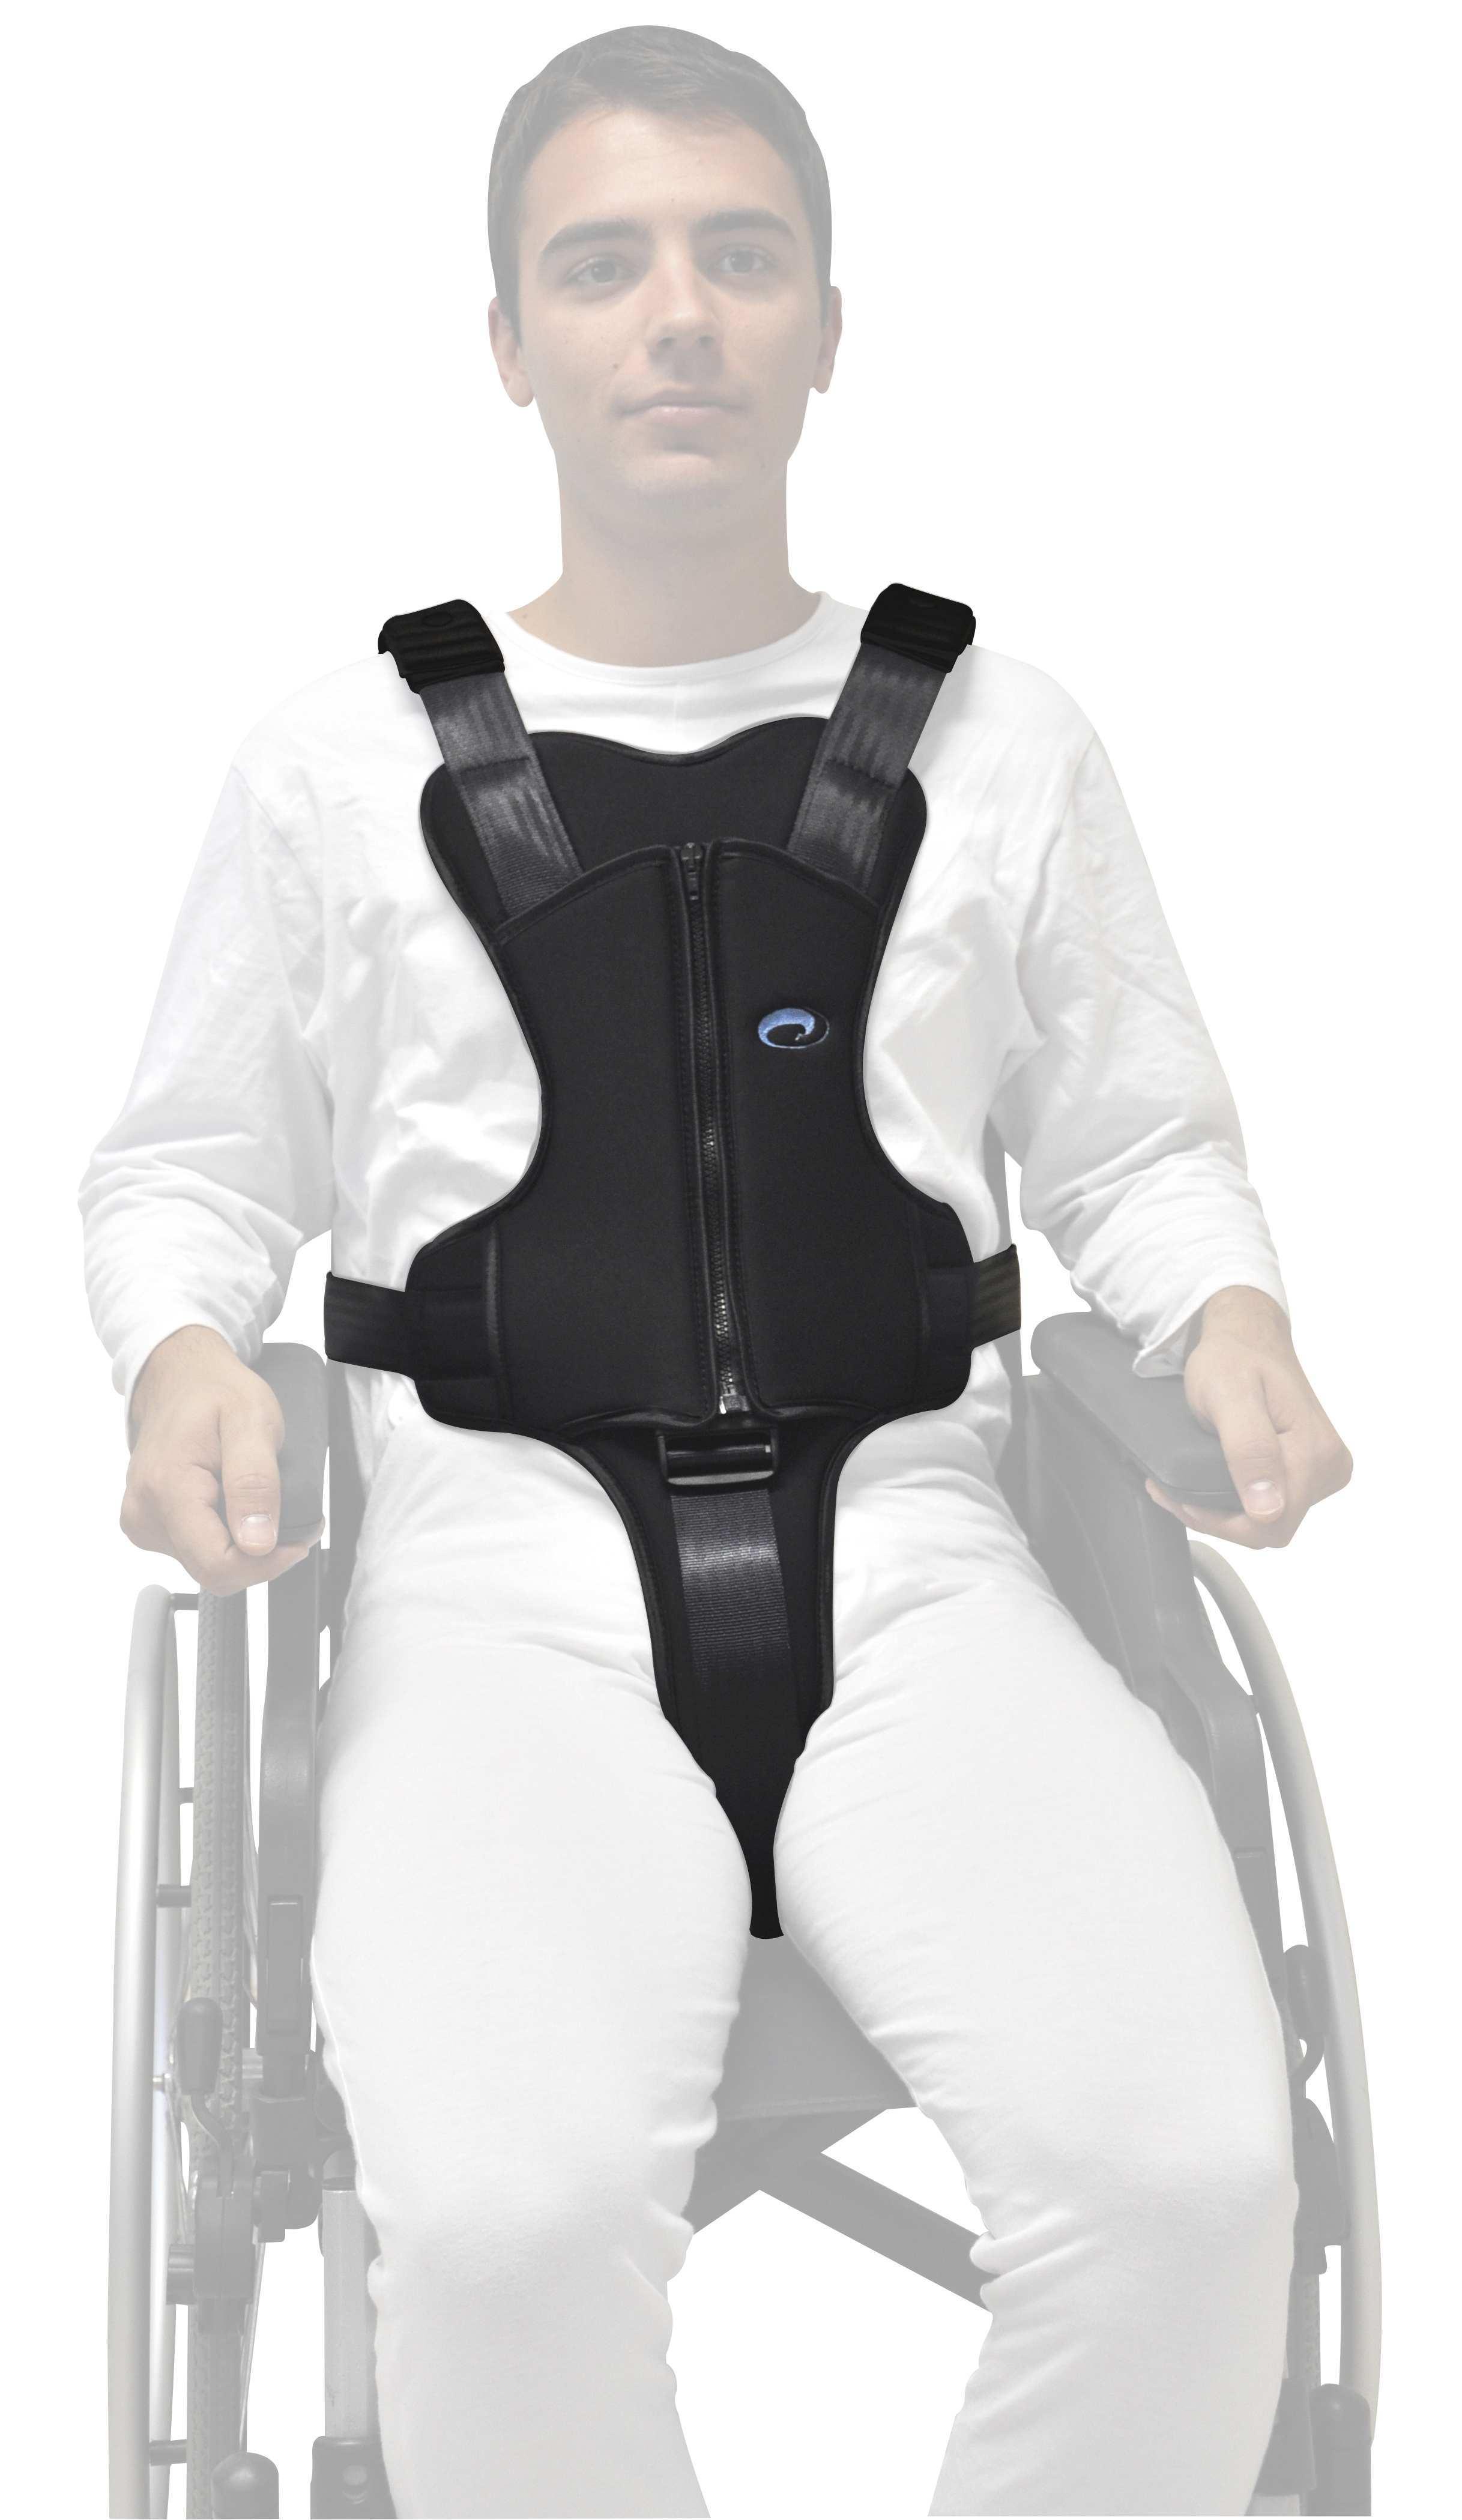 sistema-de-posicionamiento-y-sujecion-jacket-02